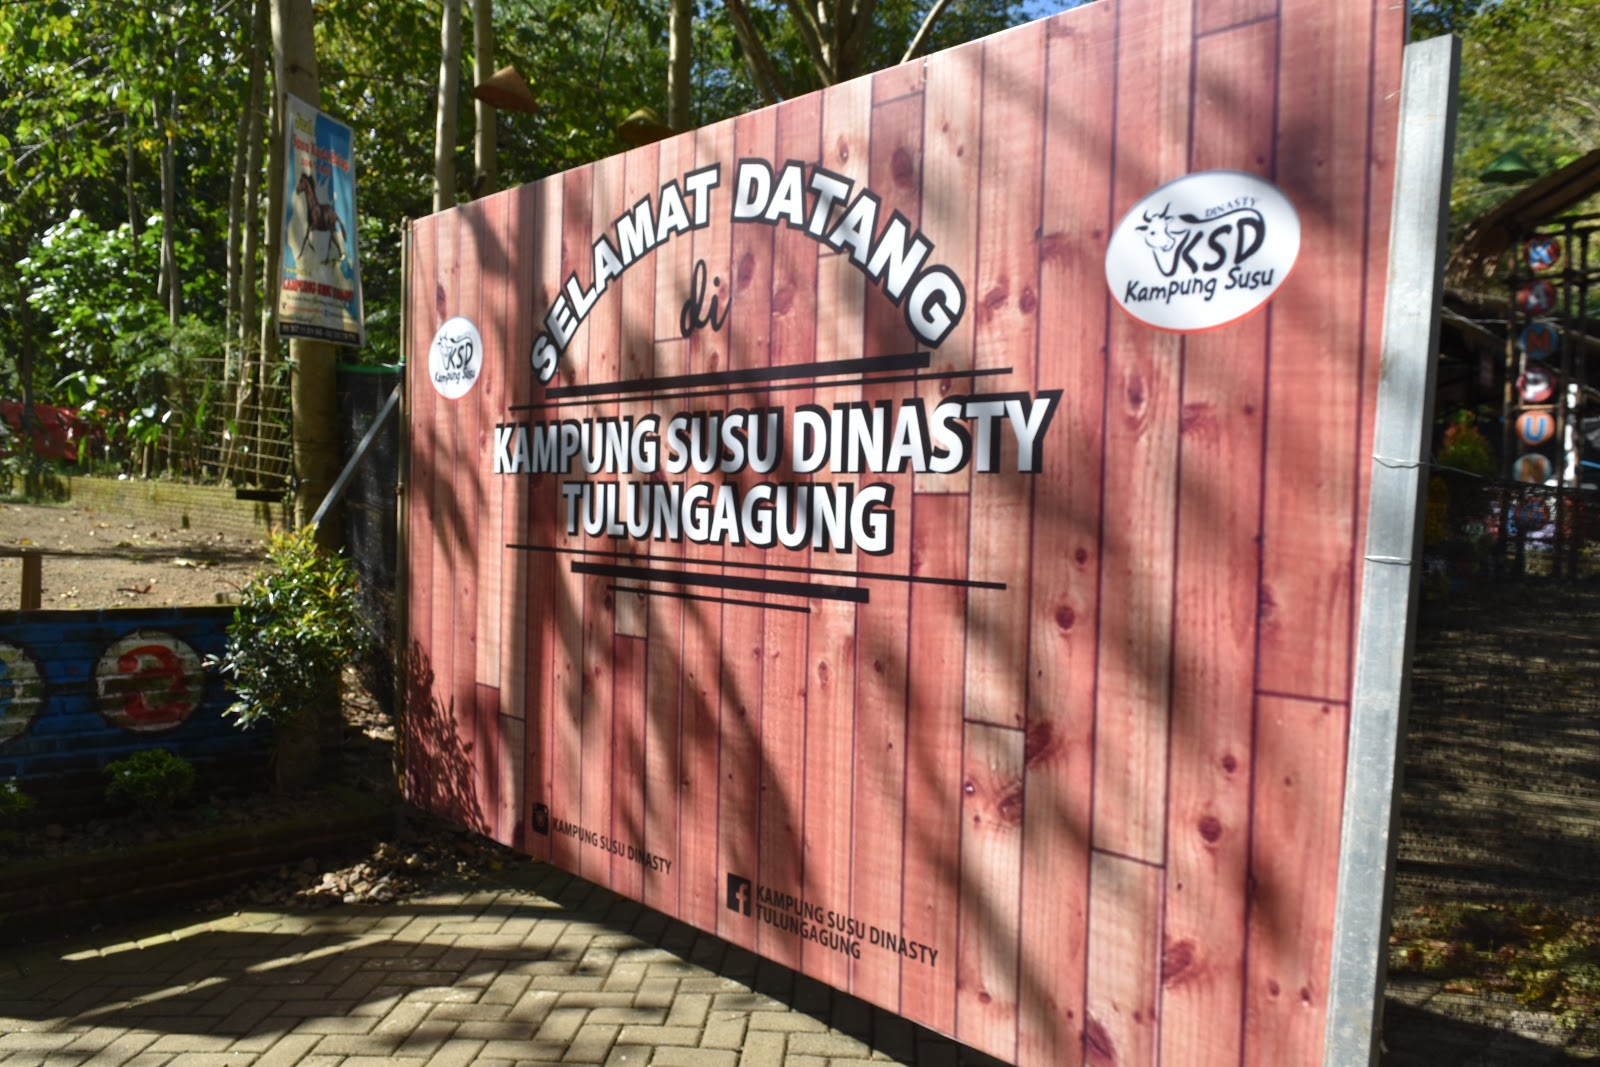 Kampung Susu Dinasty Wisata Edukasi Tulungagung Belajar Trading Kab